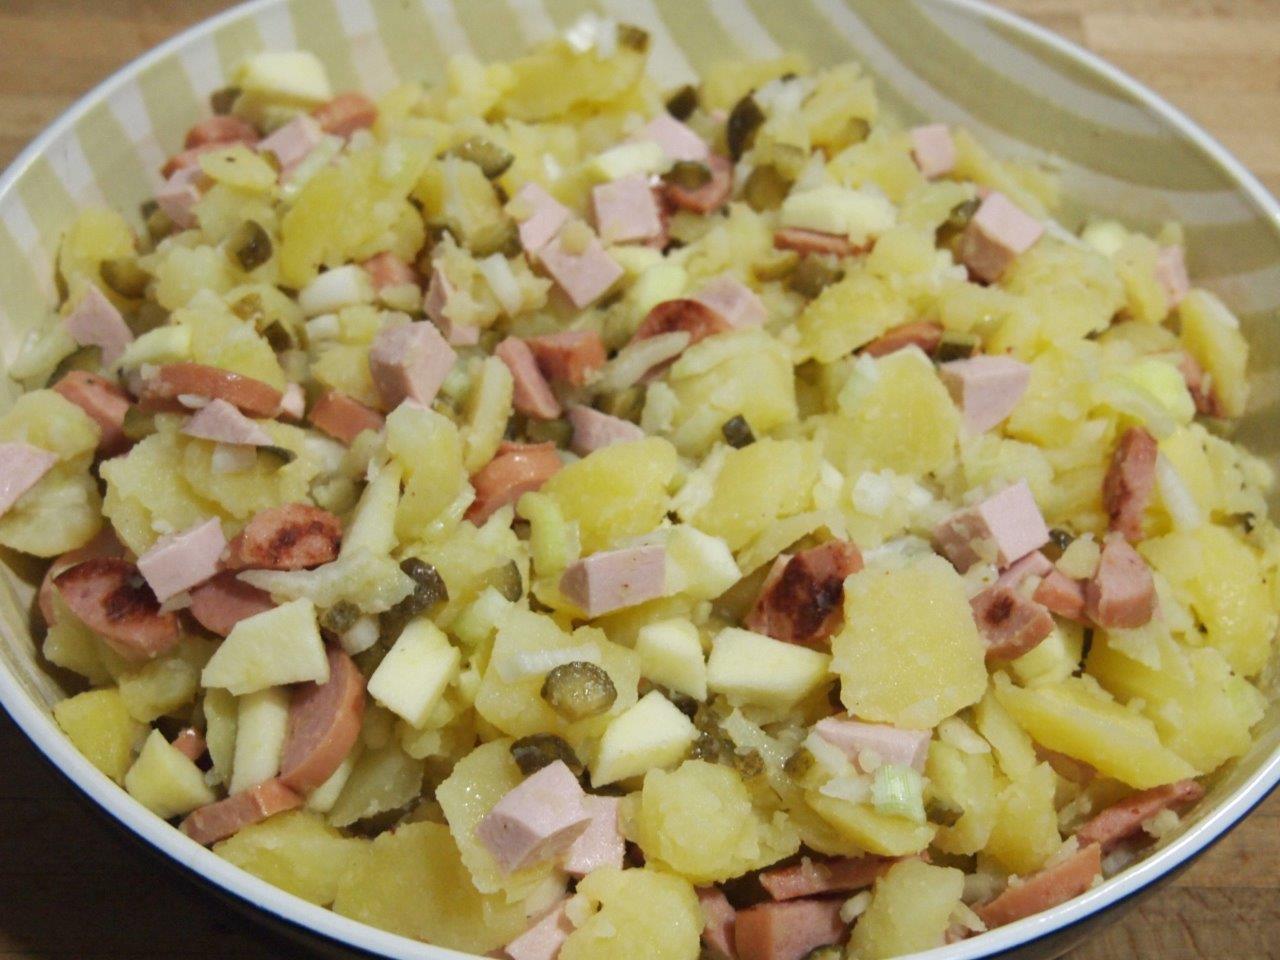 Ensalada alemana cocina - Ensalada alemana de patatas ...